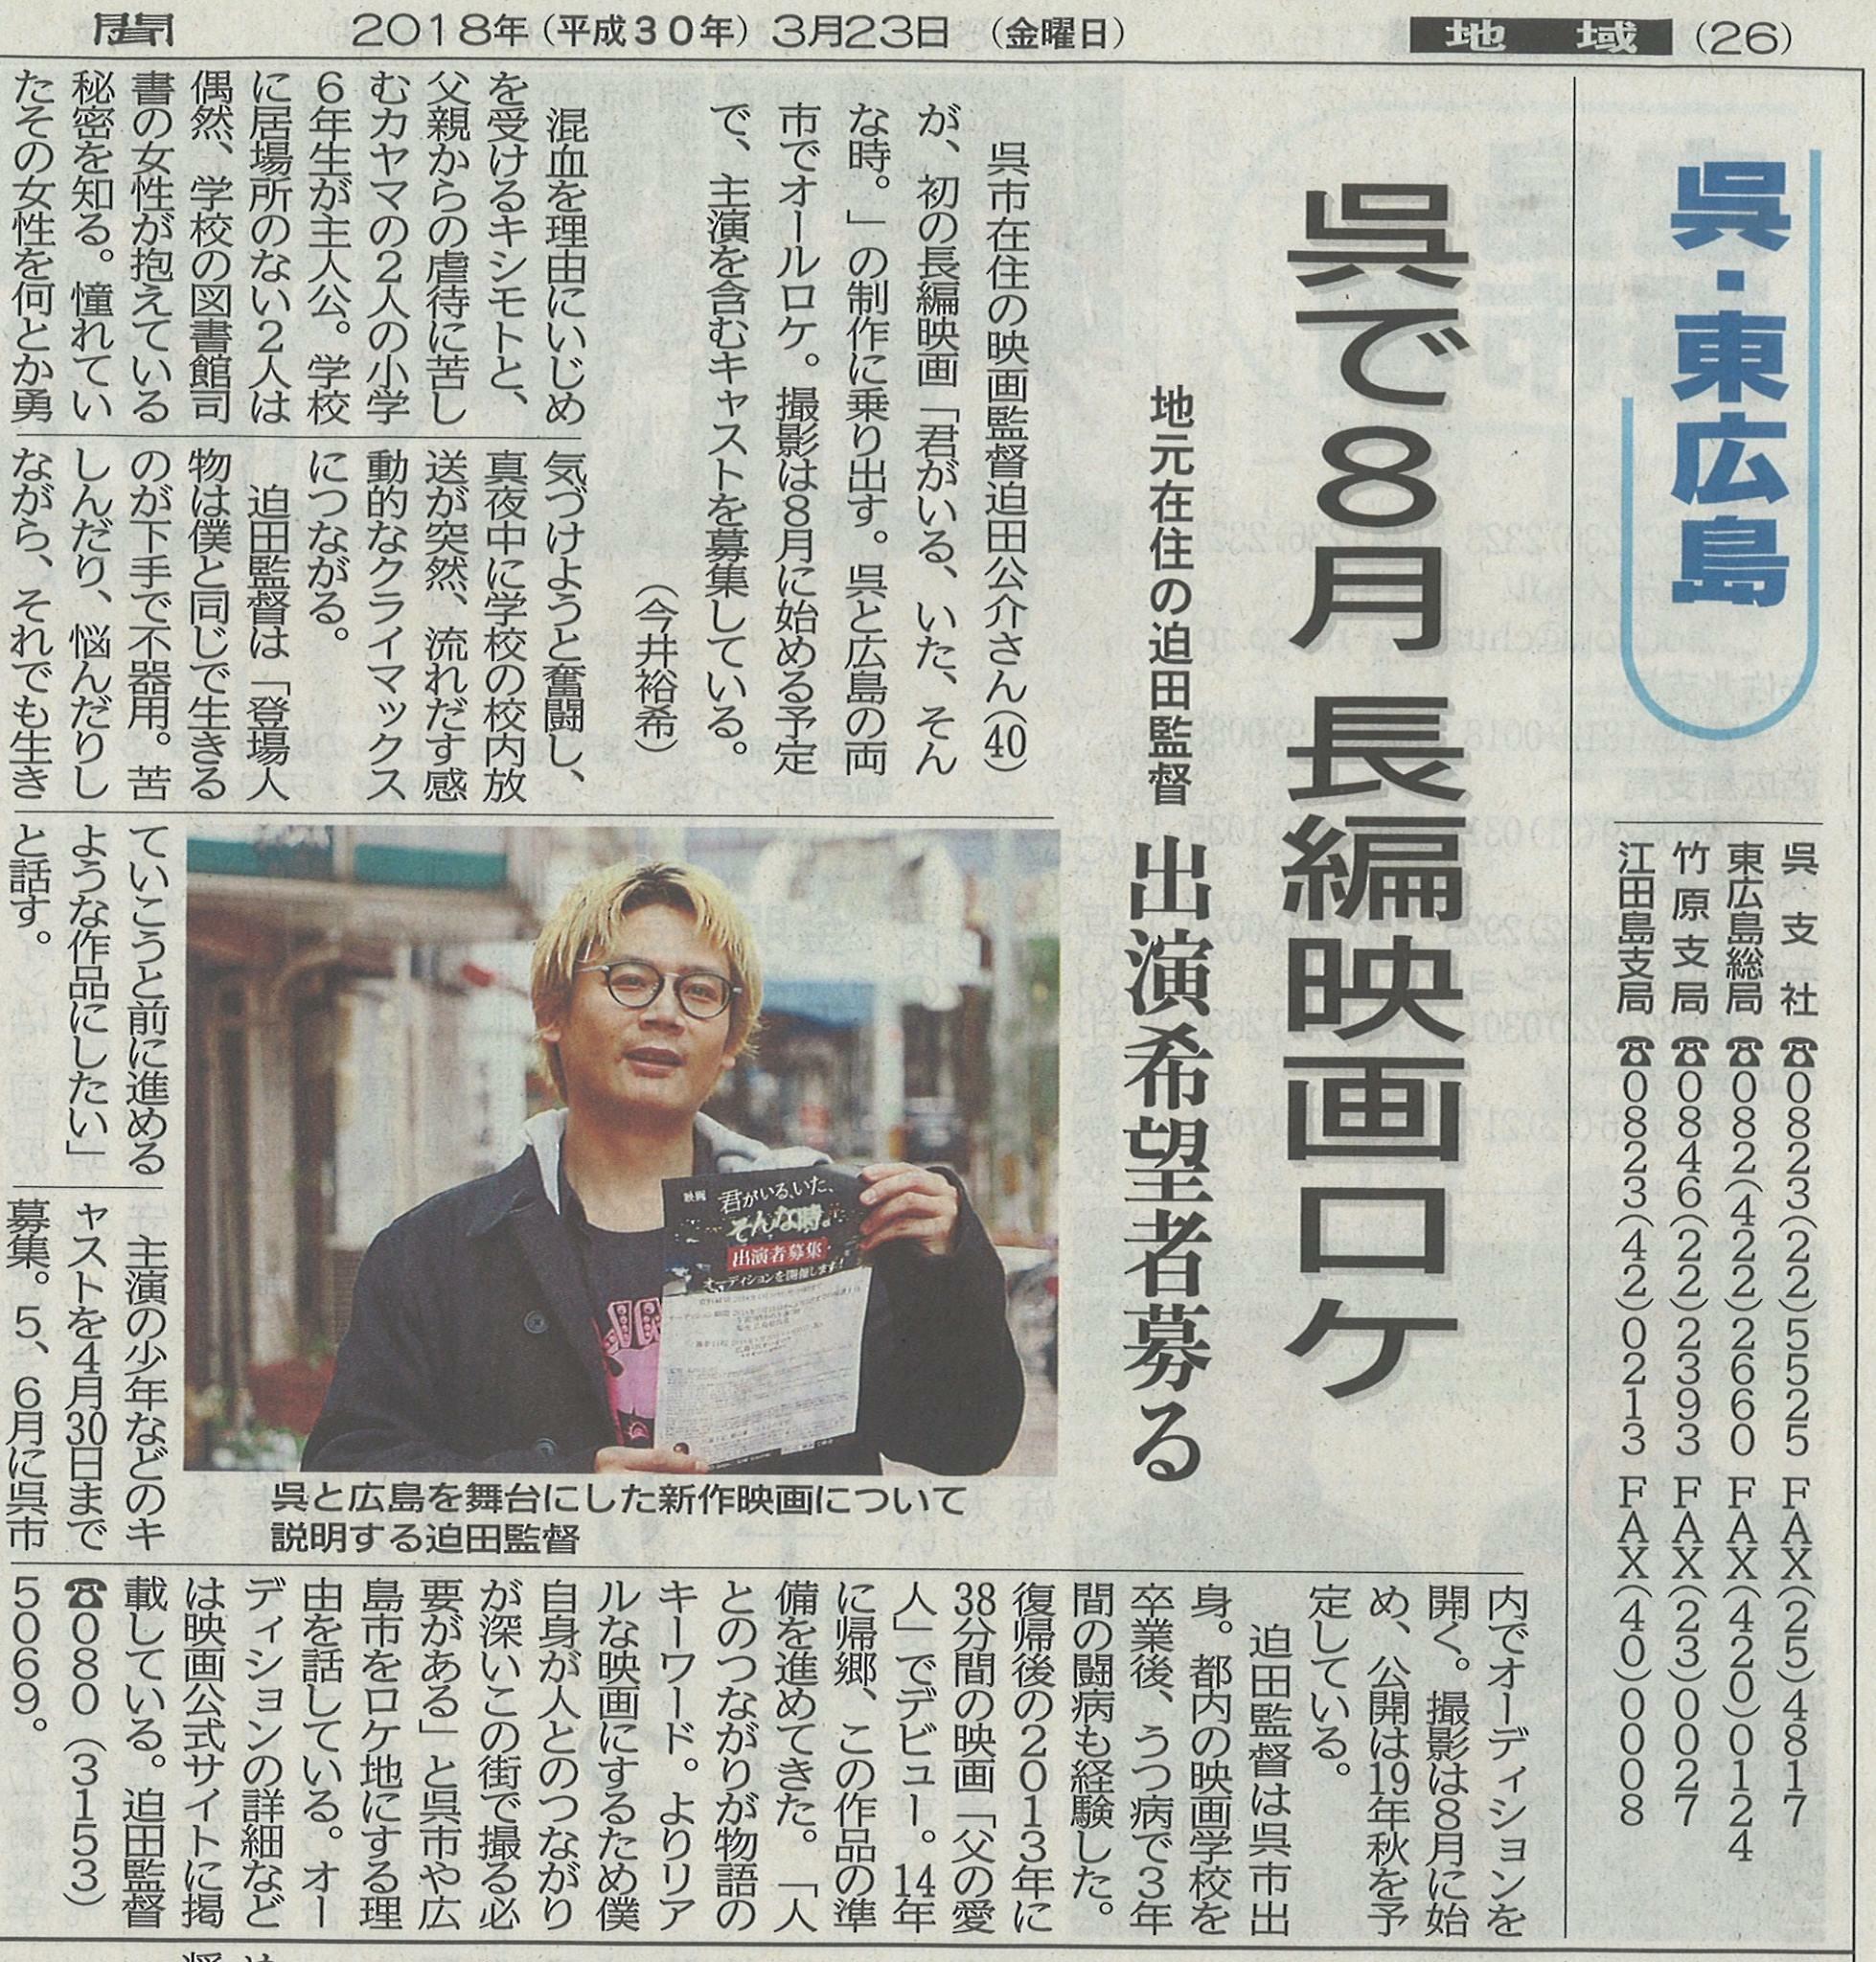 中国新聞さん掲載